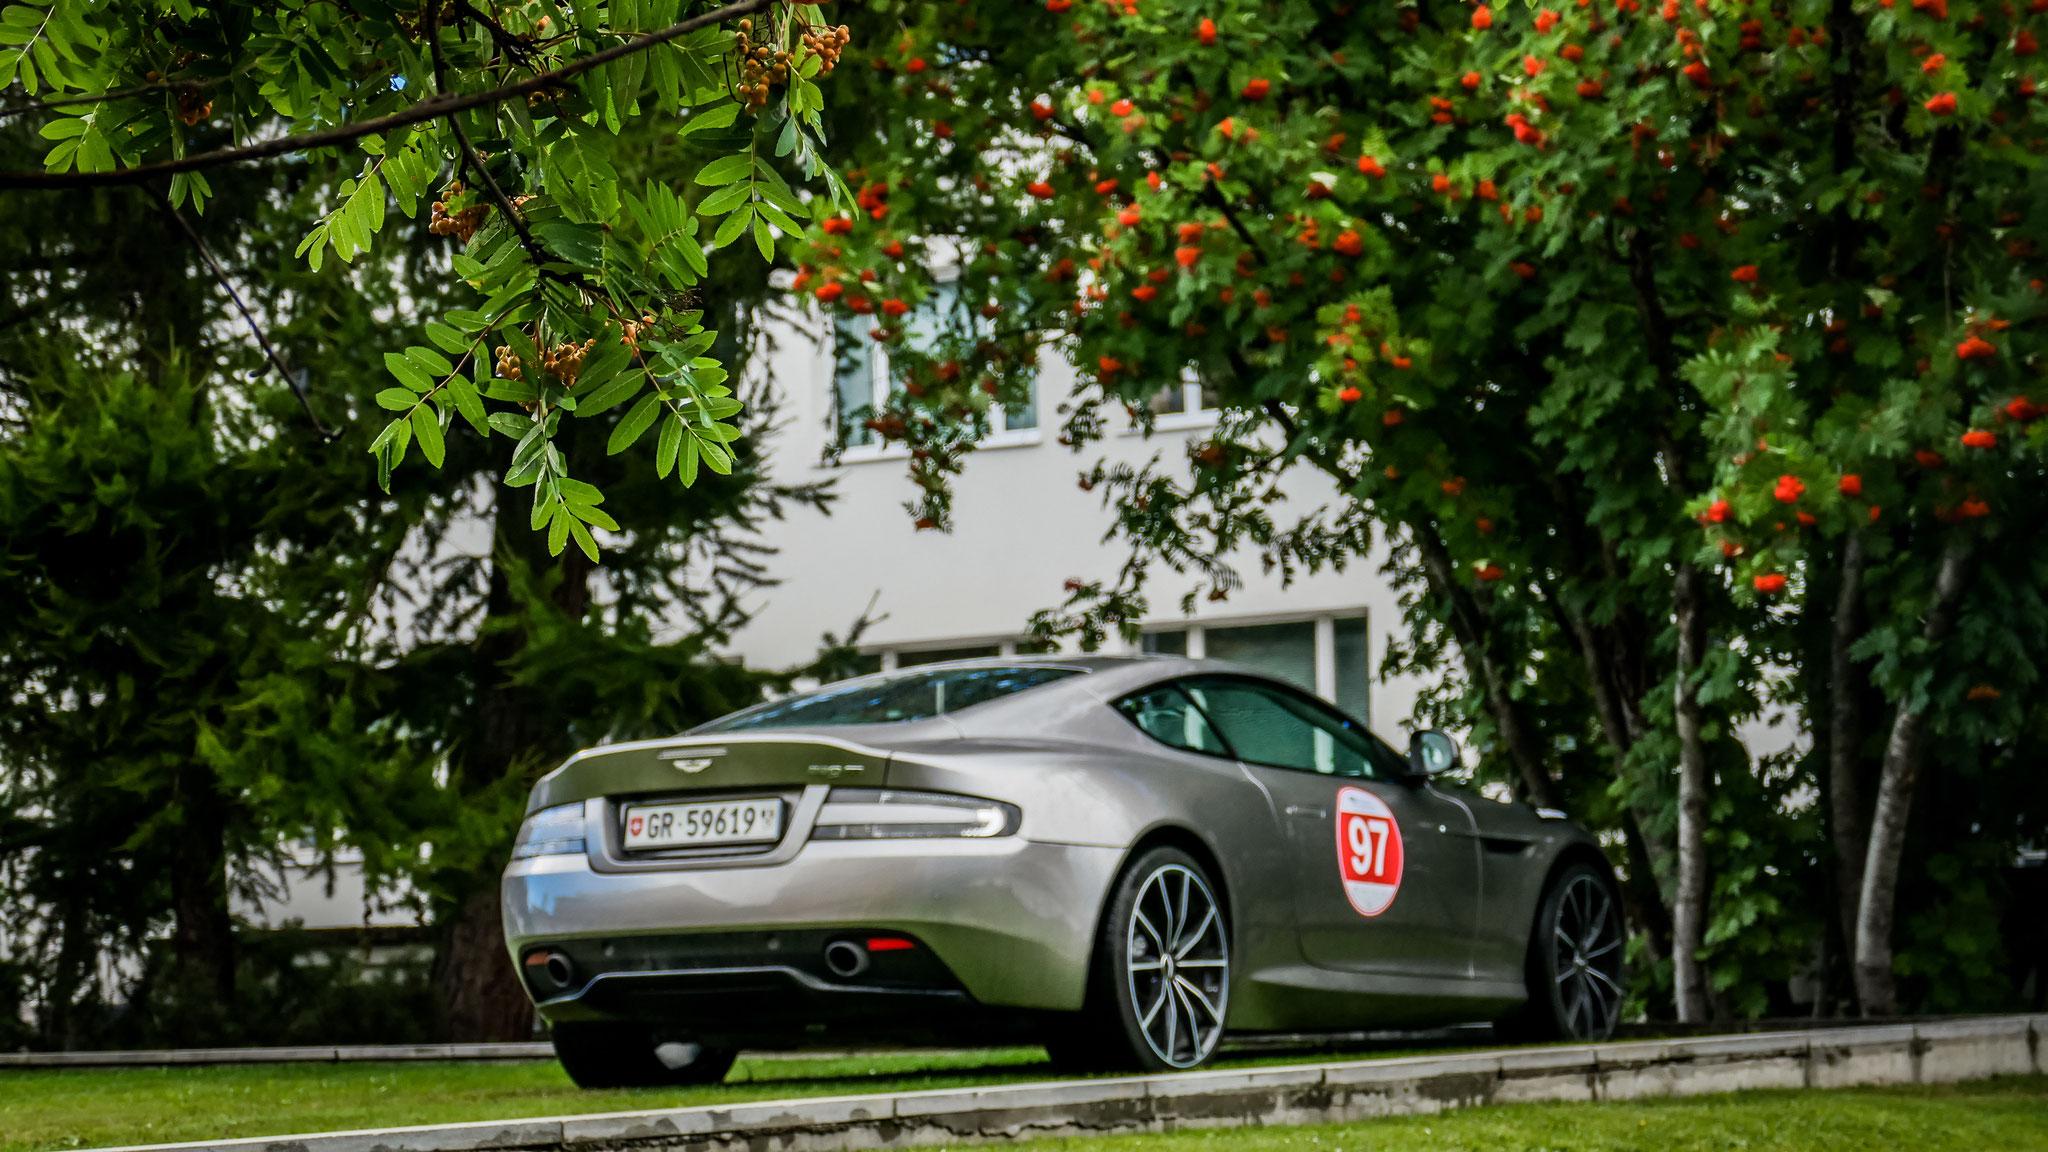 Aston Martin DB9 GT Coupé - GR-59619 (CH)